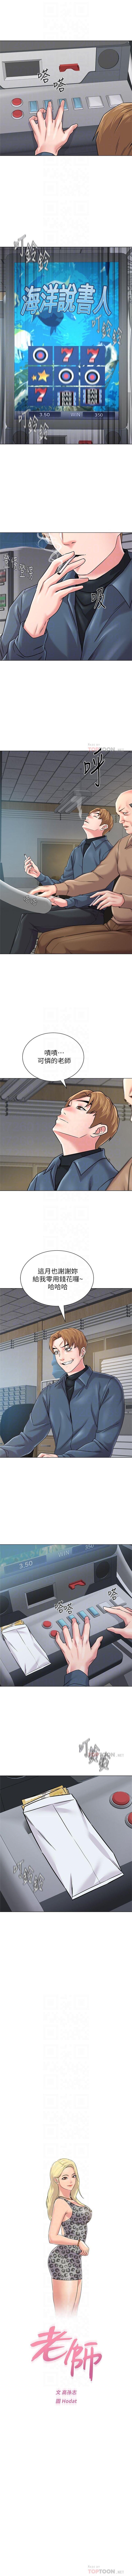 老師 1-80 官方中文(連載中) 381